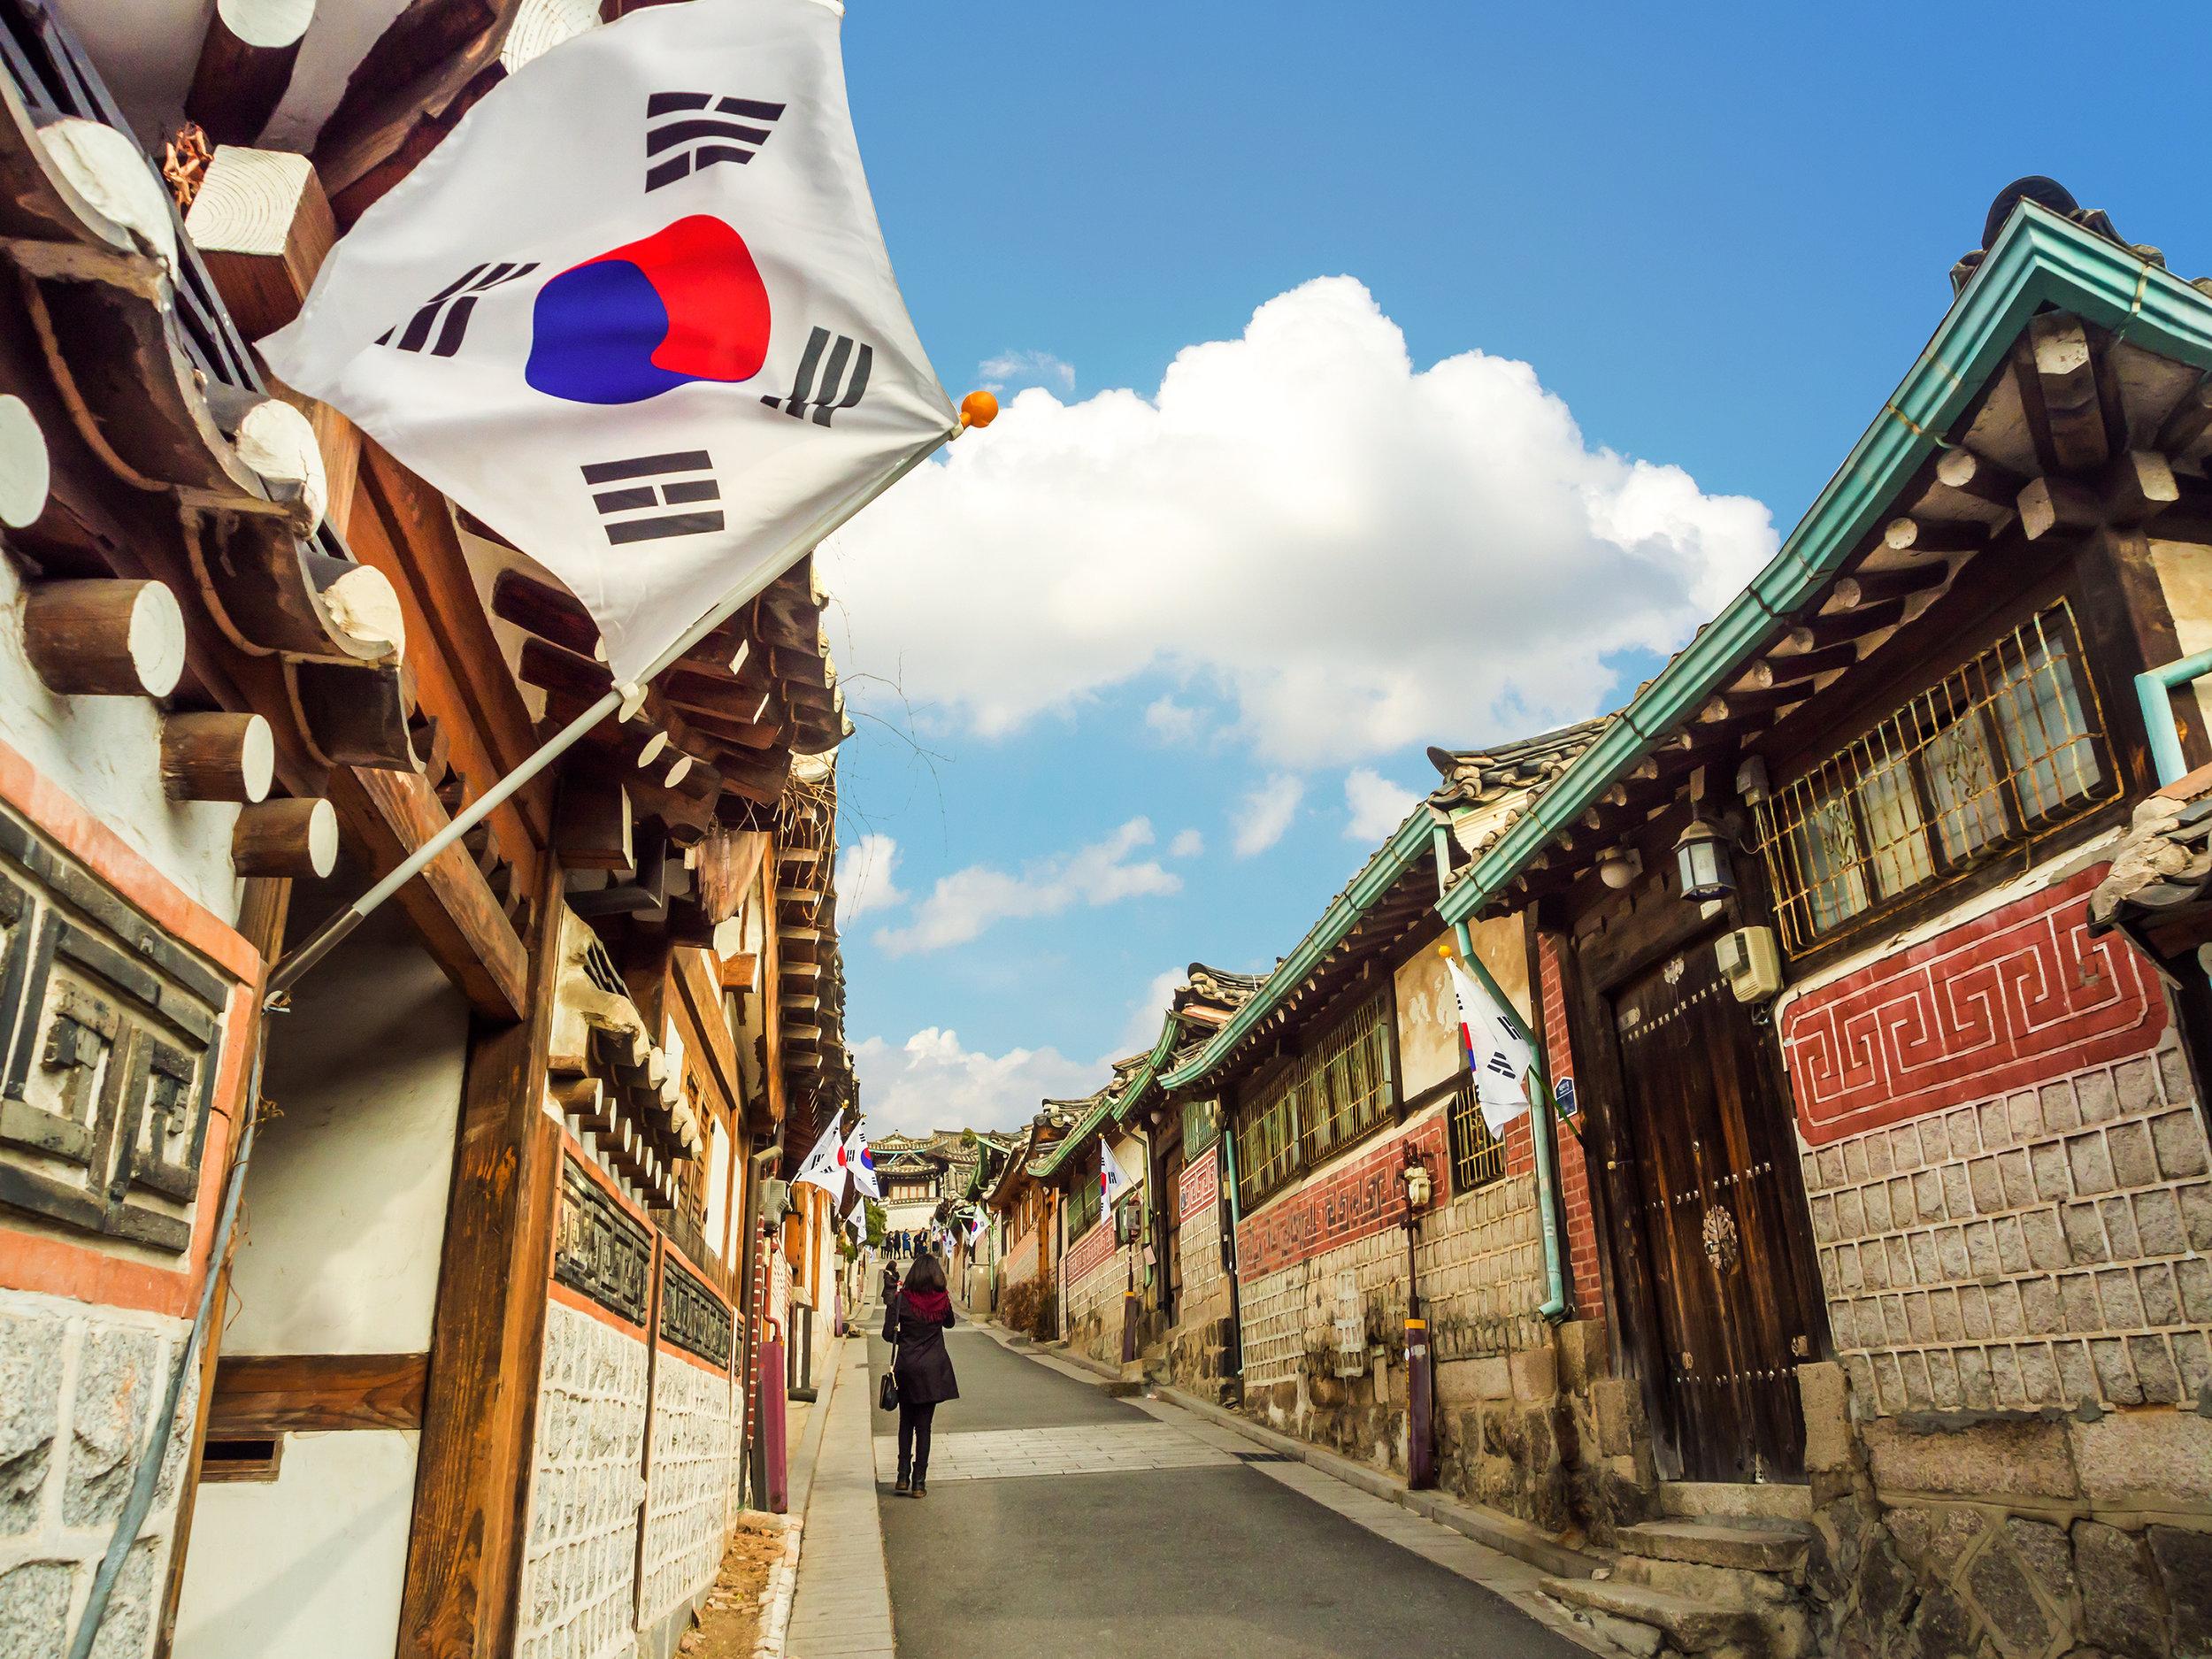 uliczki-zabytkowej-dzielnicy-bukchon-w-seulu-wygladaja-jak-przed-wiekami-ale-dzis-hanoki-czyli-tradycyjne-domy-mieszcza-najczesciej-hotele-i-restauracje.jpeg